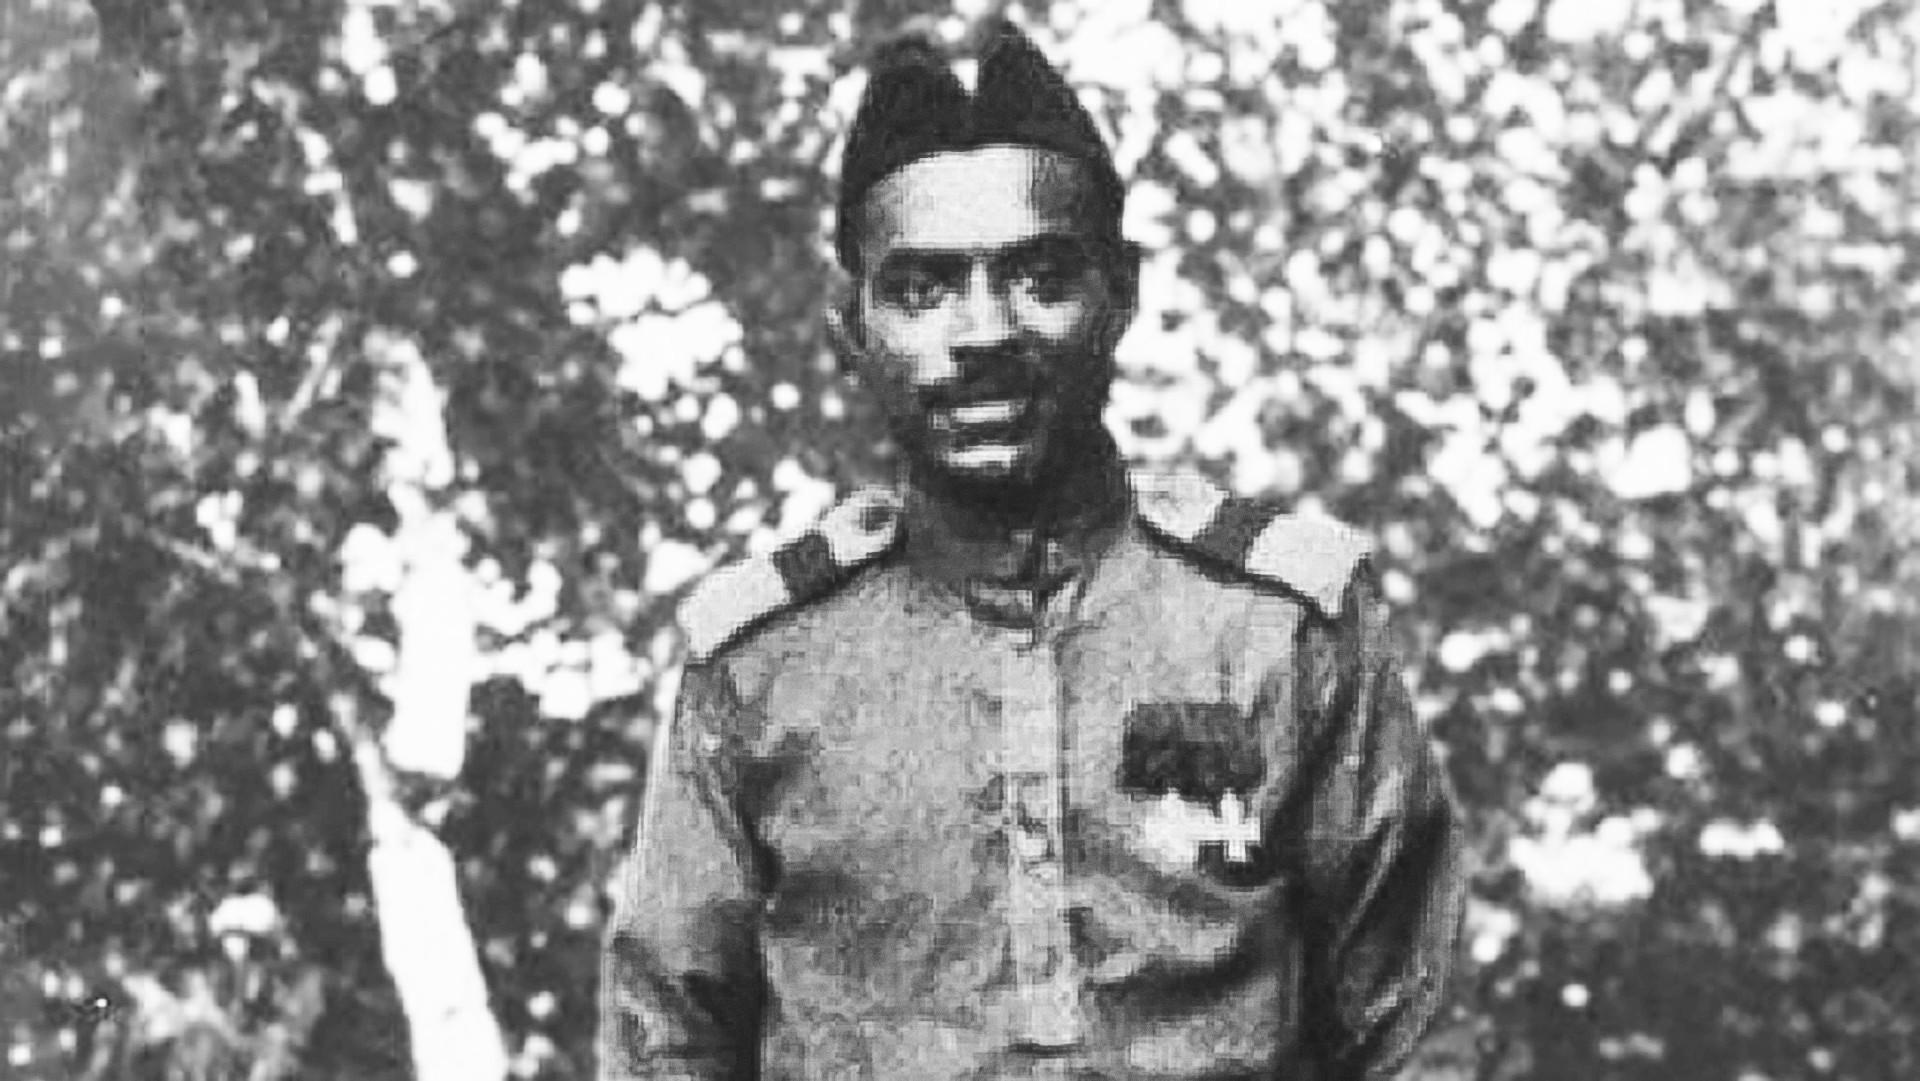 第一次世界大戦でロシア帝国の英雄となったポリネシア人 - ロシア ...